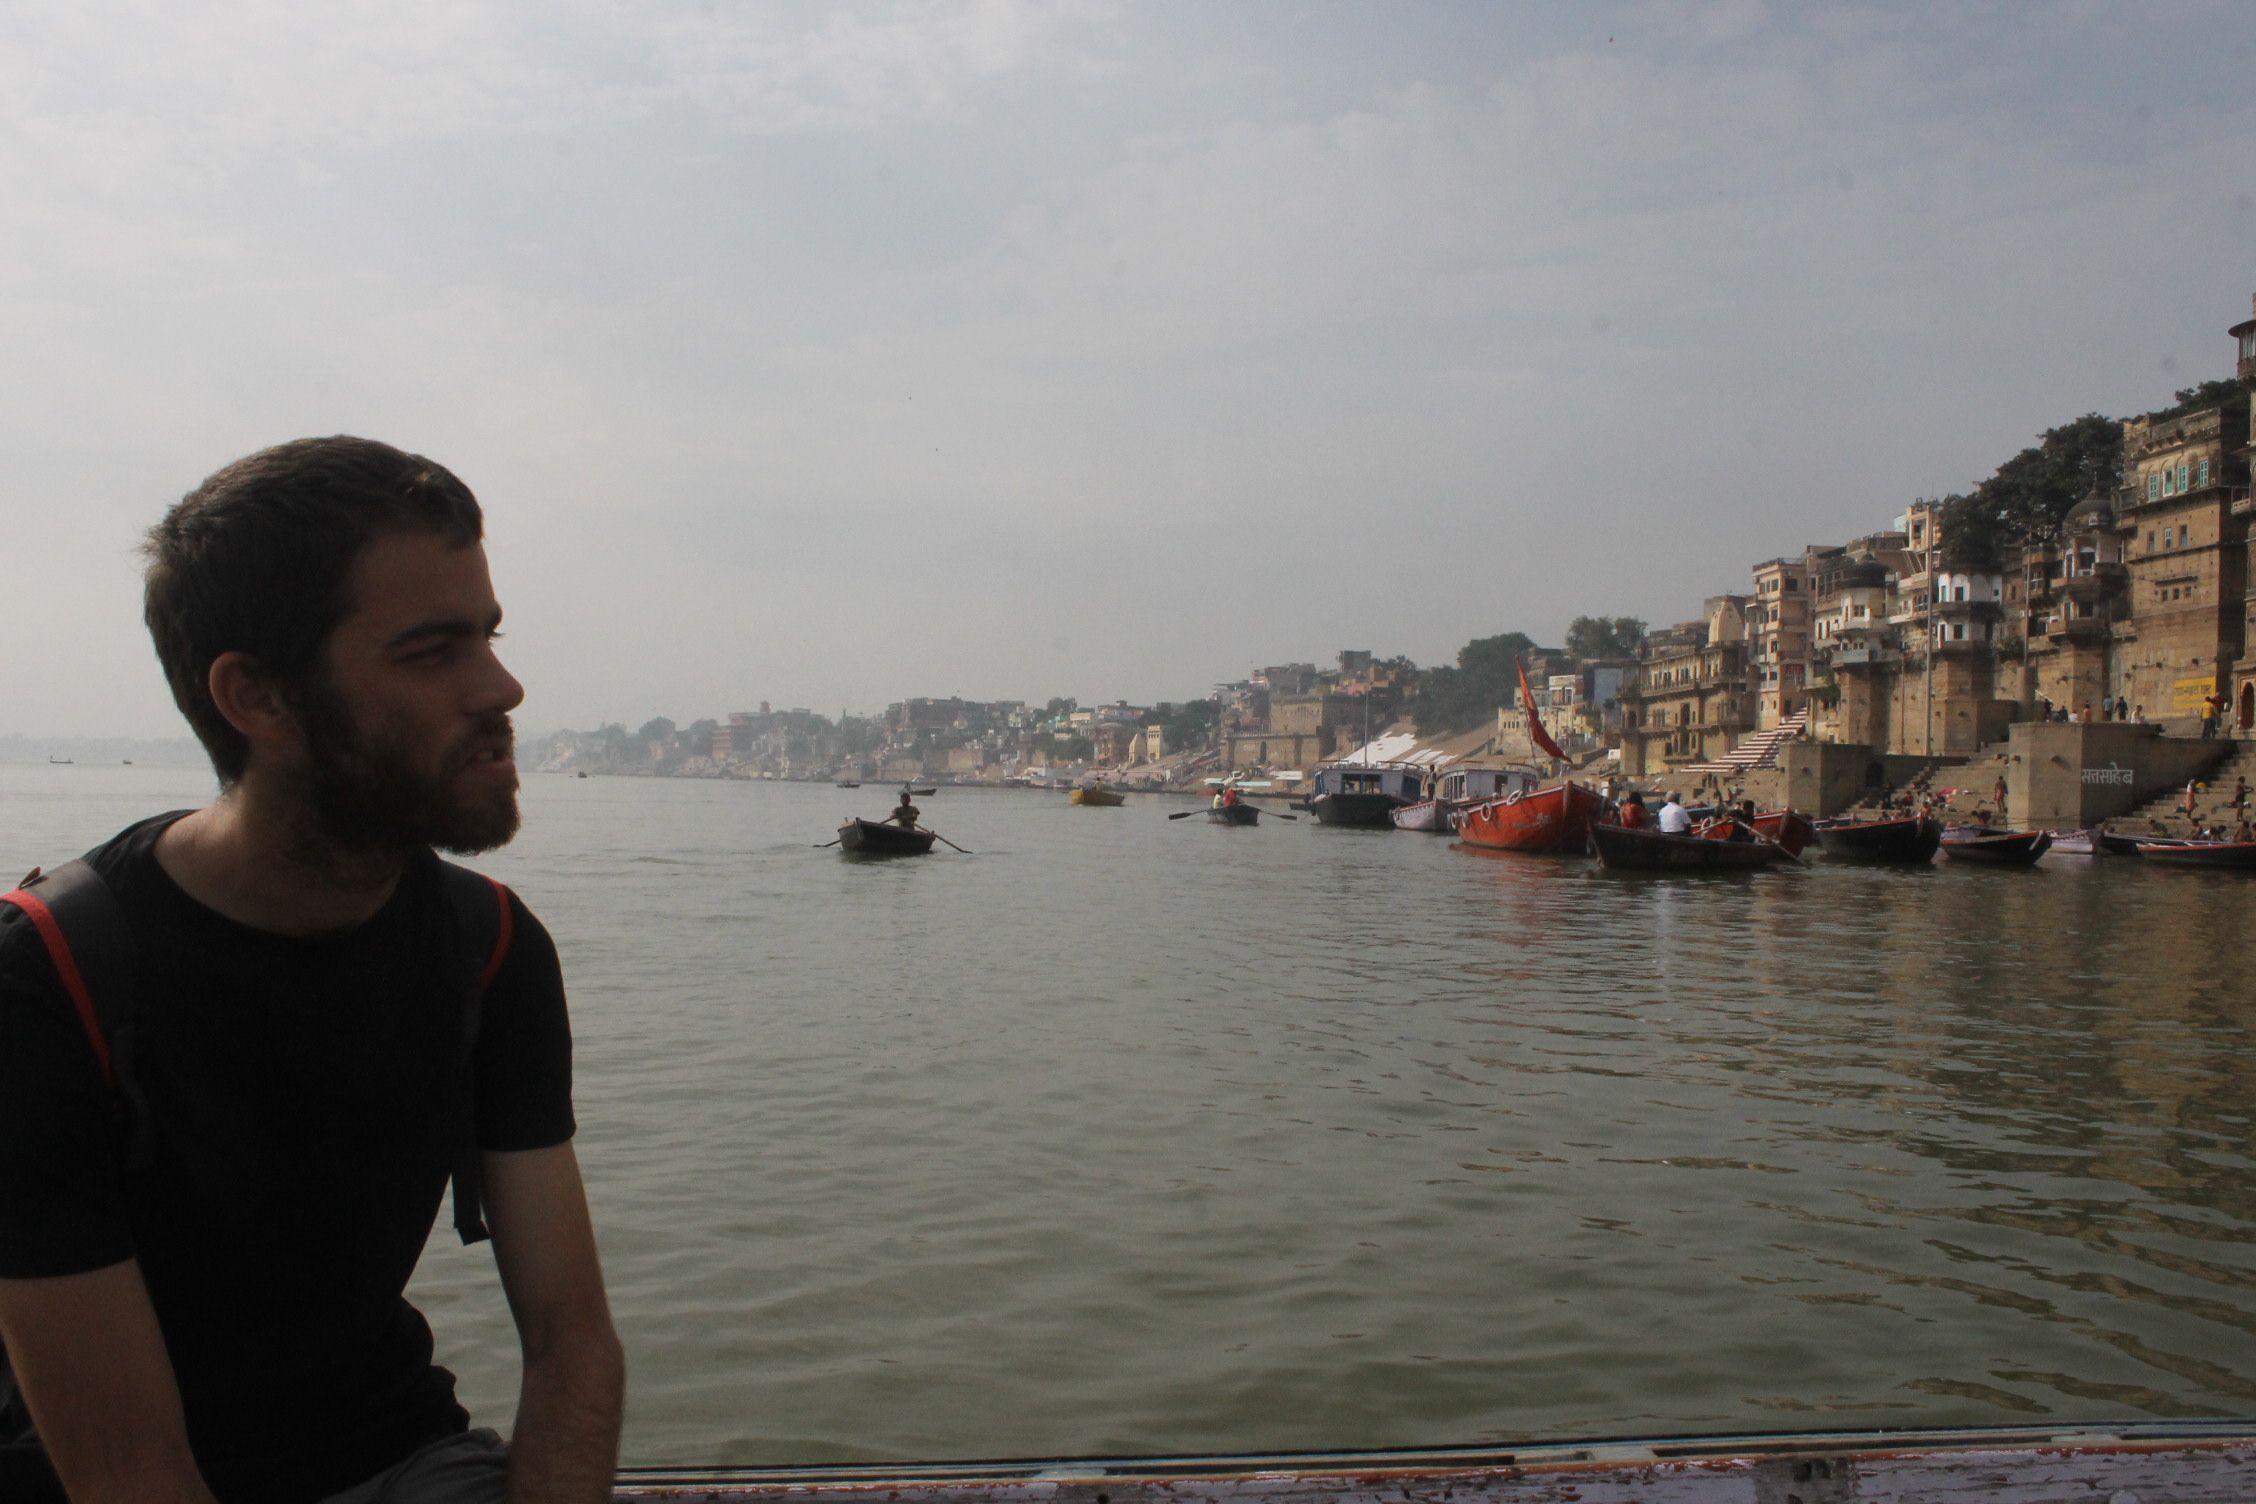 Dani en la barca cruzando el Ganges